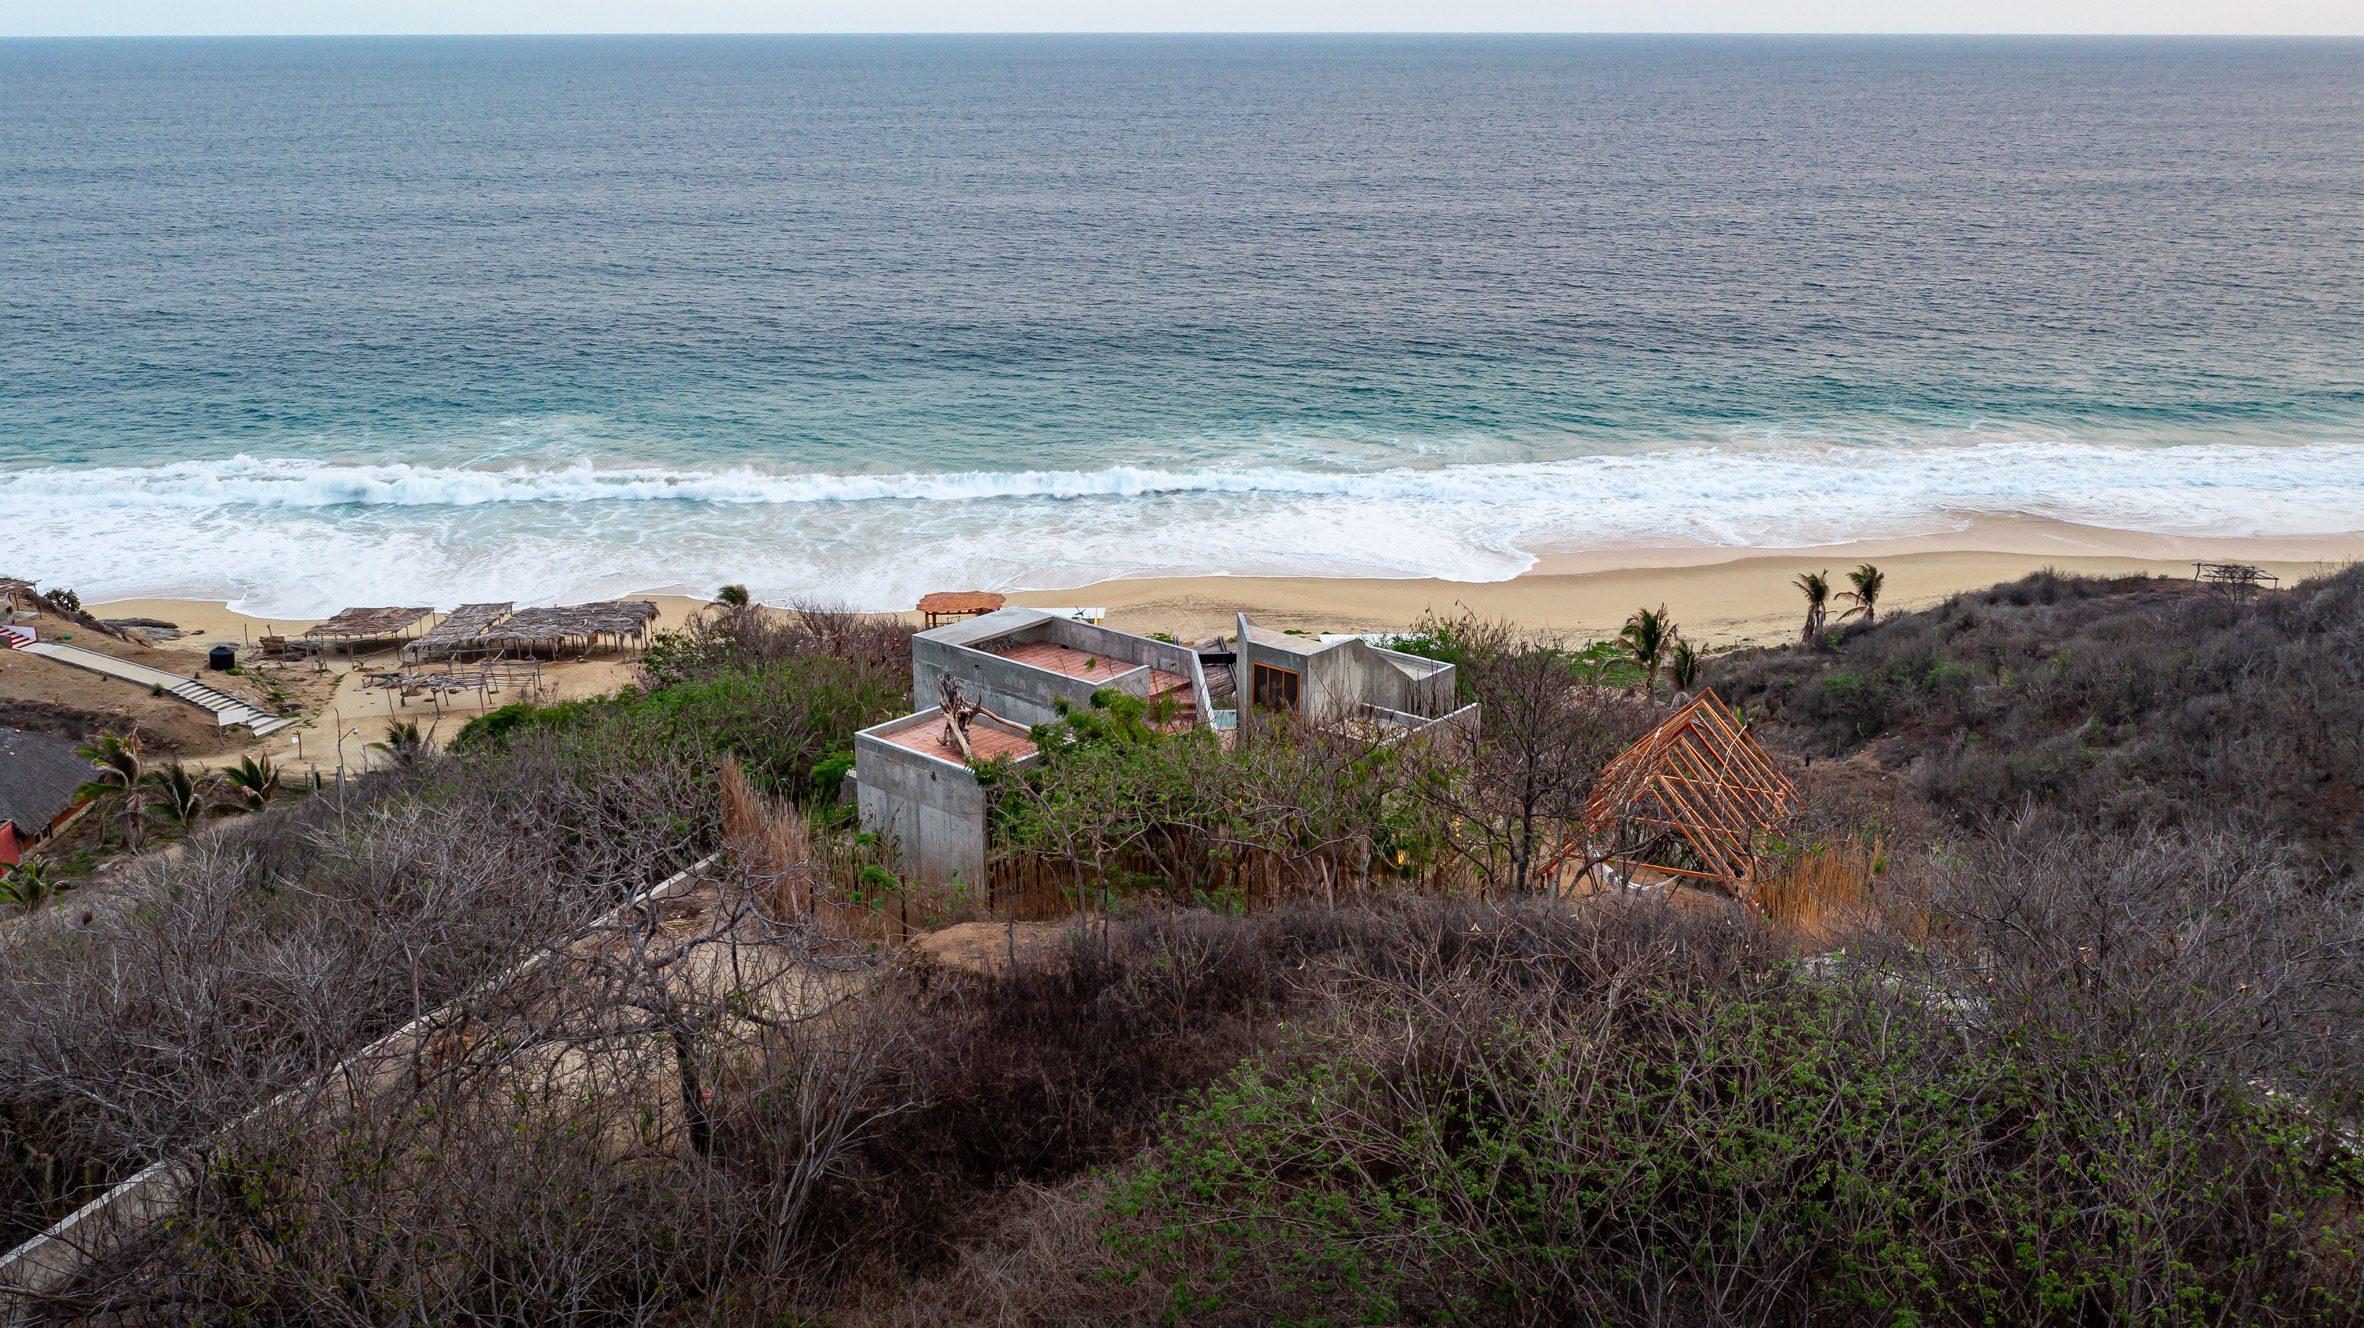 Casa del Sapo by Espacio 18 Arquitectura is a concrete house that overlooks the Zapotengo beach